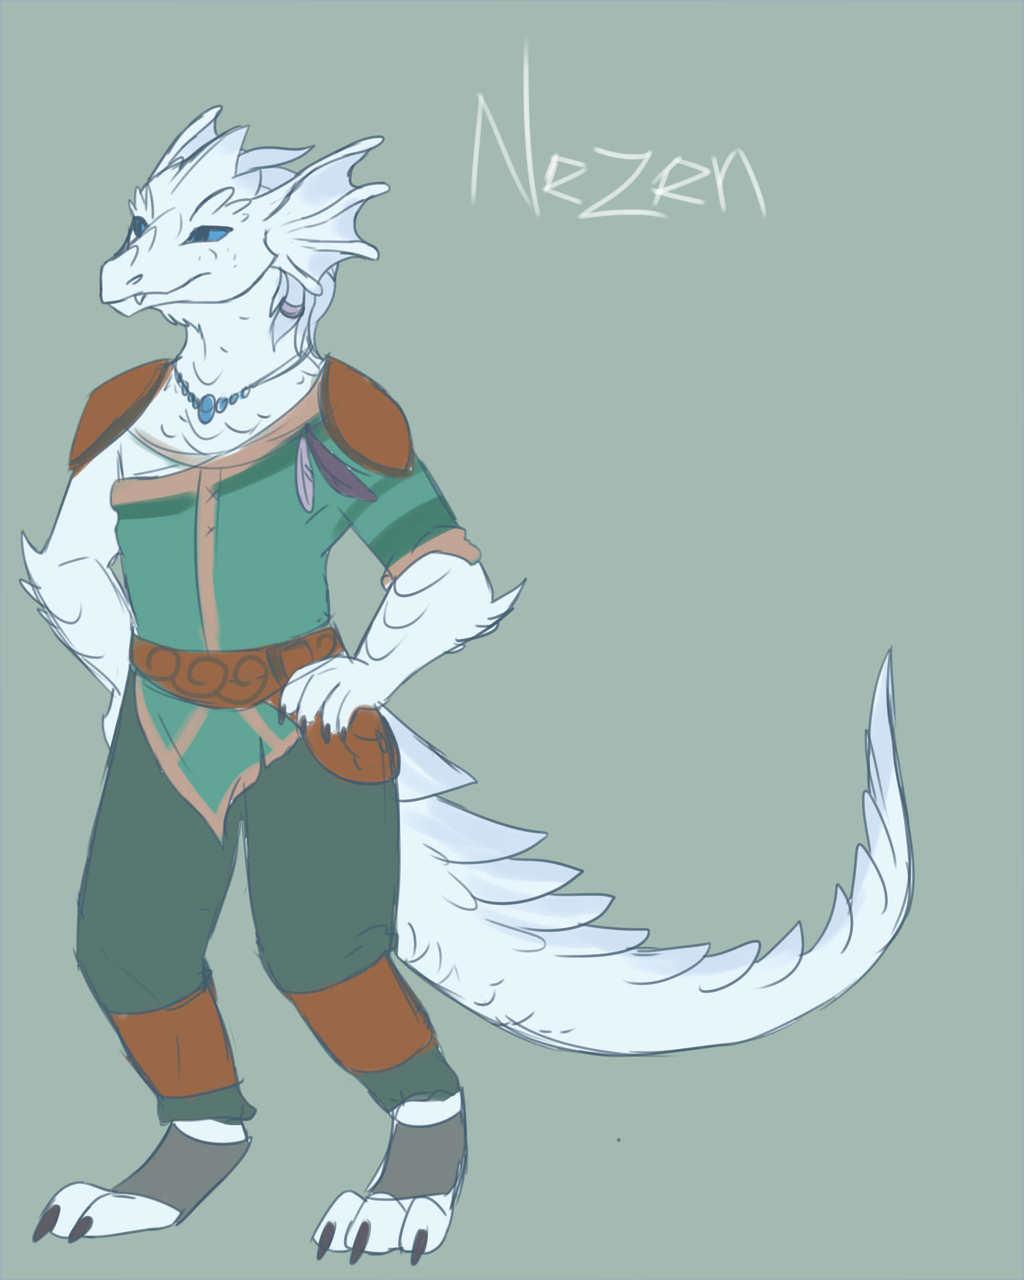 Most recent image: Nezen